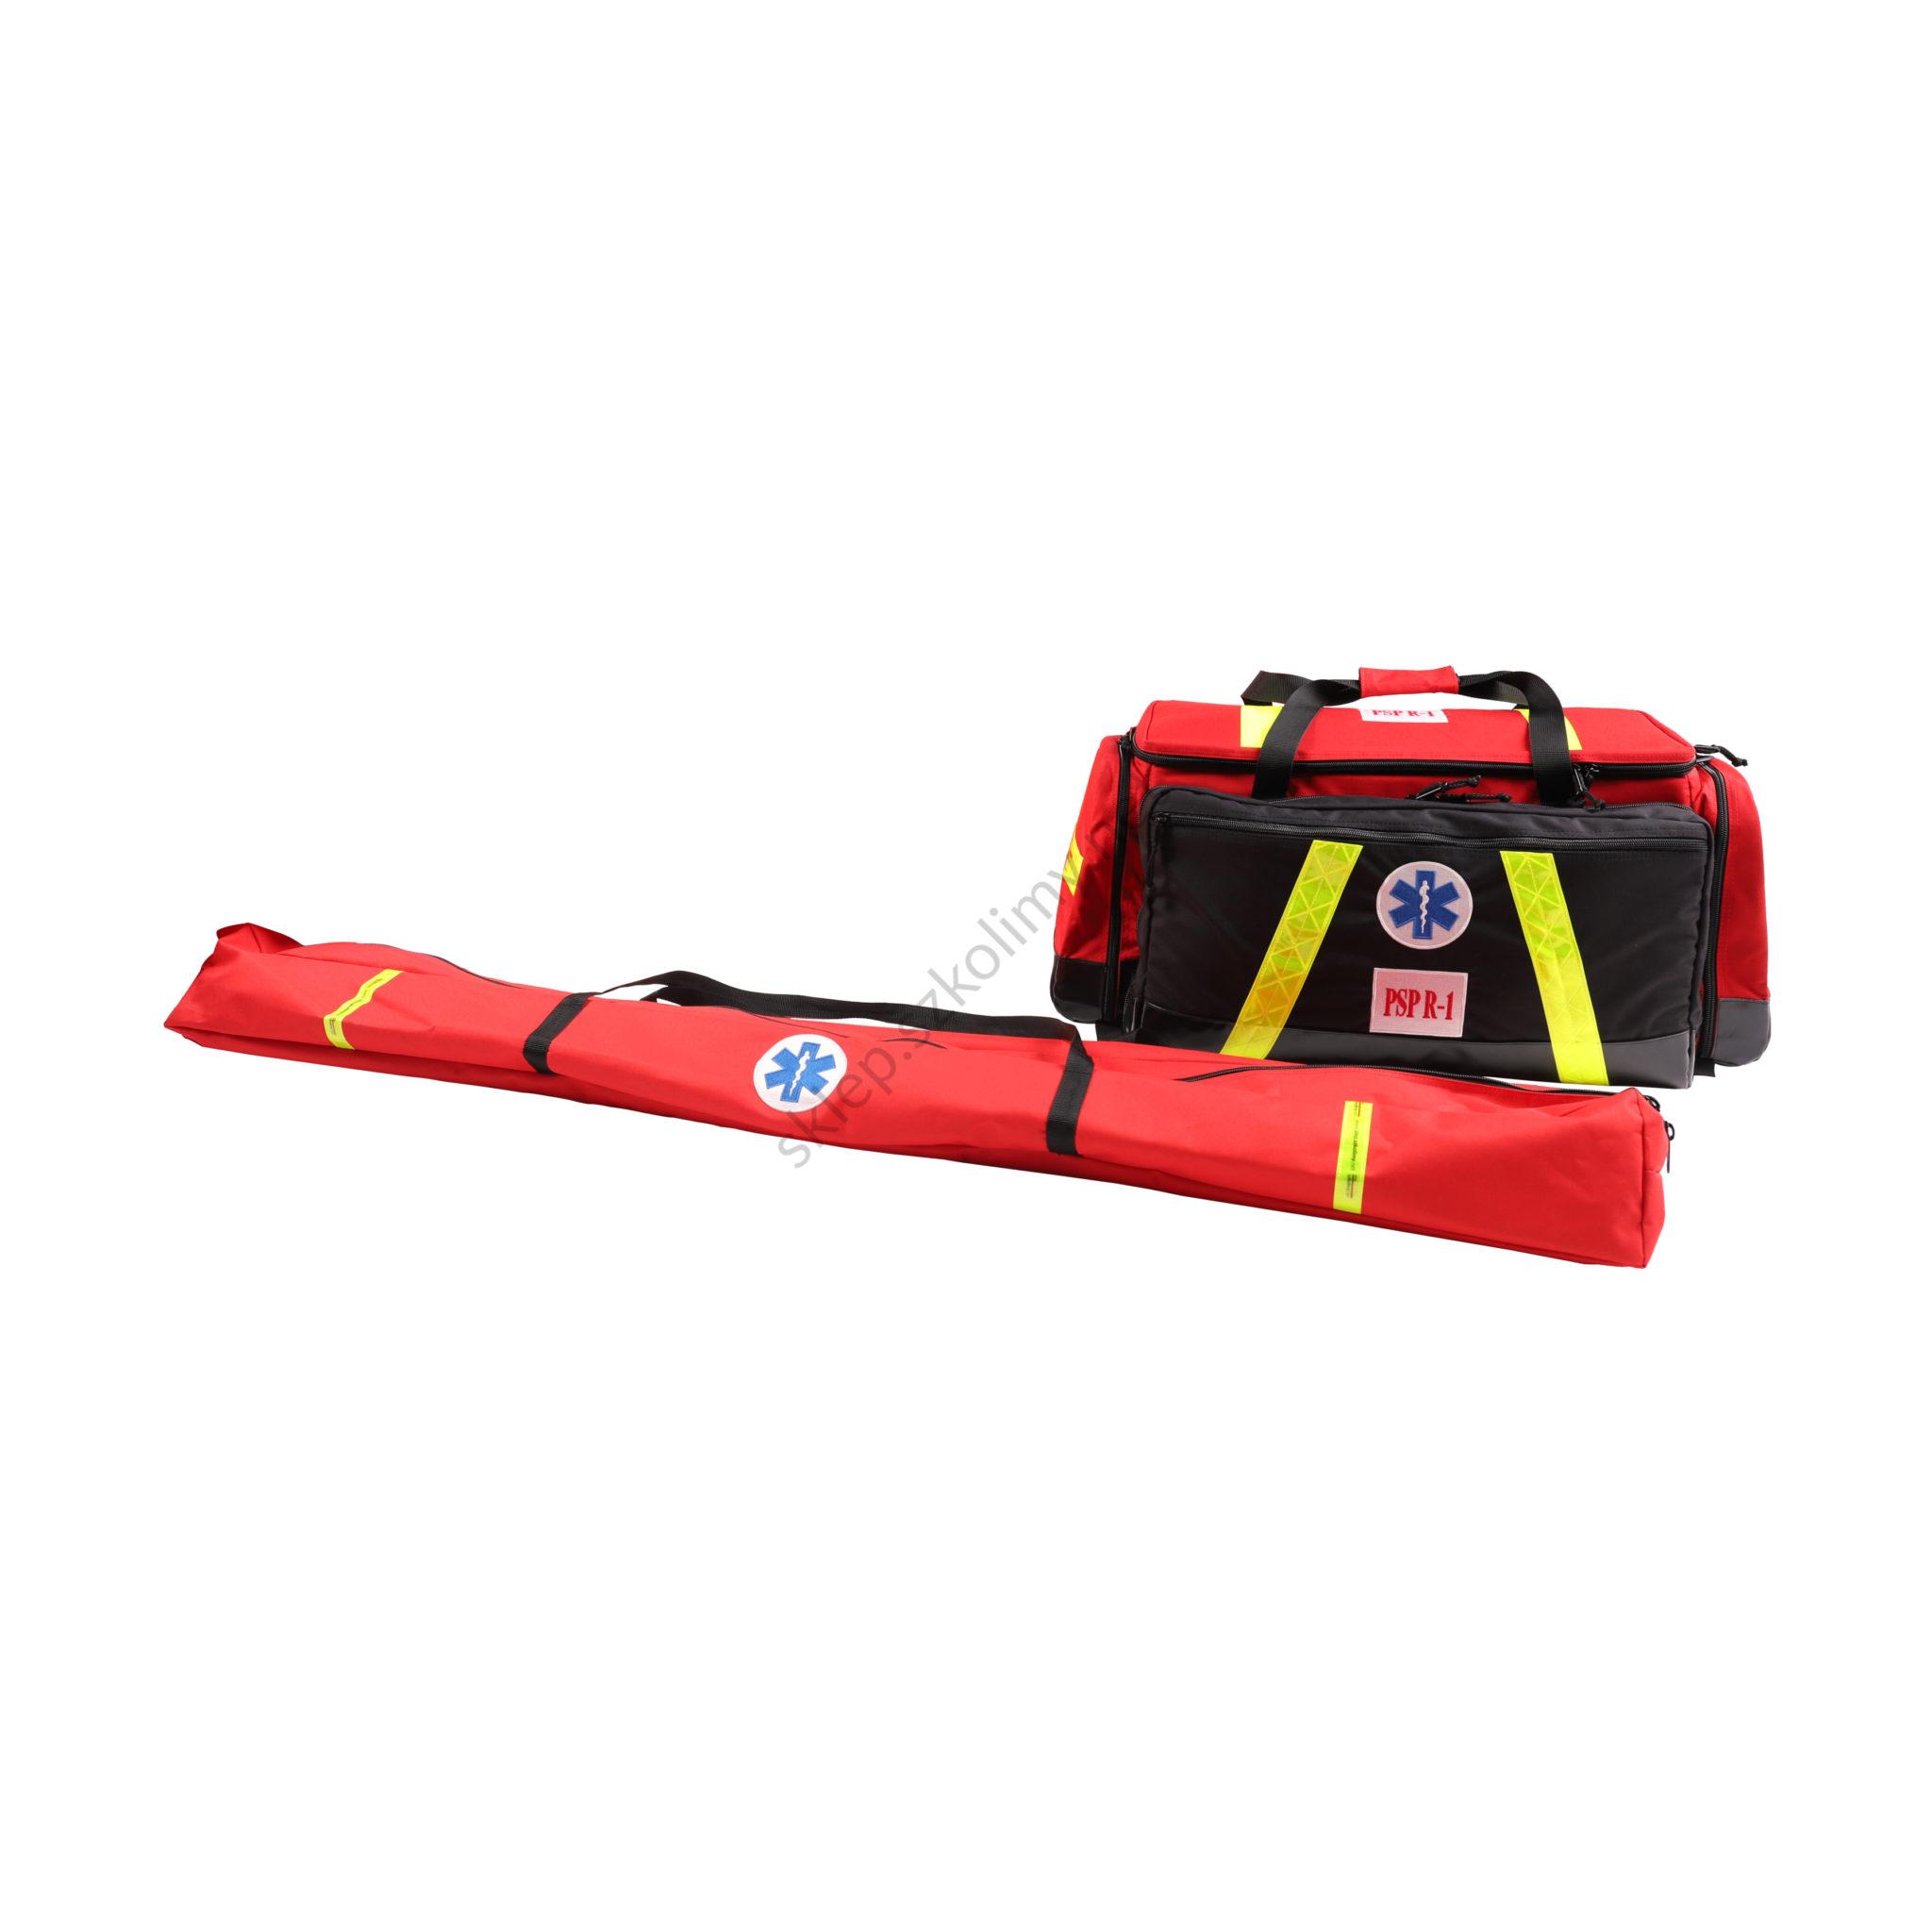 Zestaw ratowniczy PSP R1 w torbie z szynami kramera